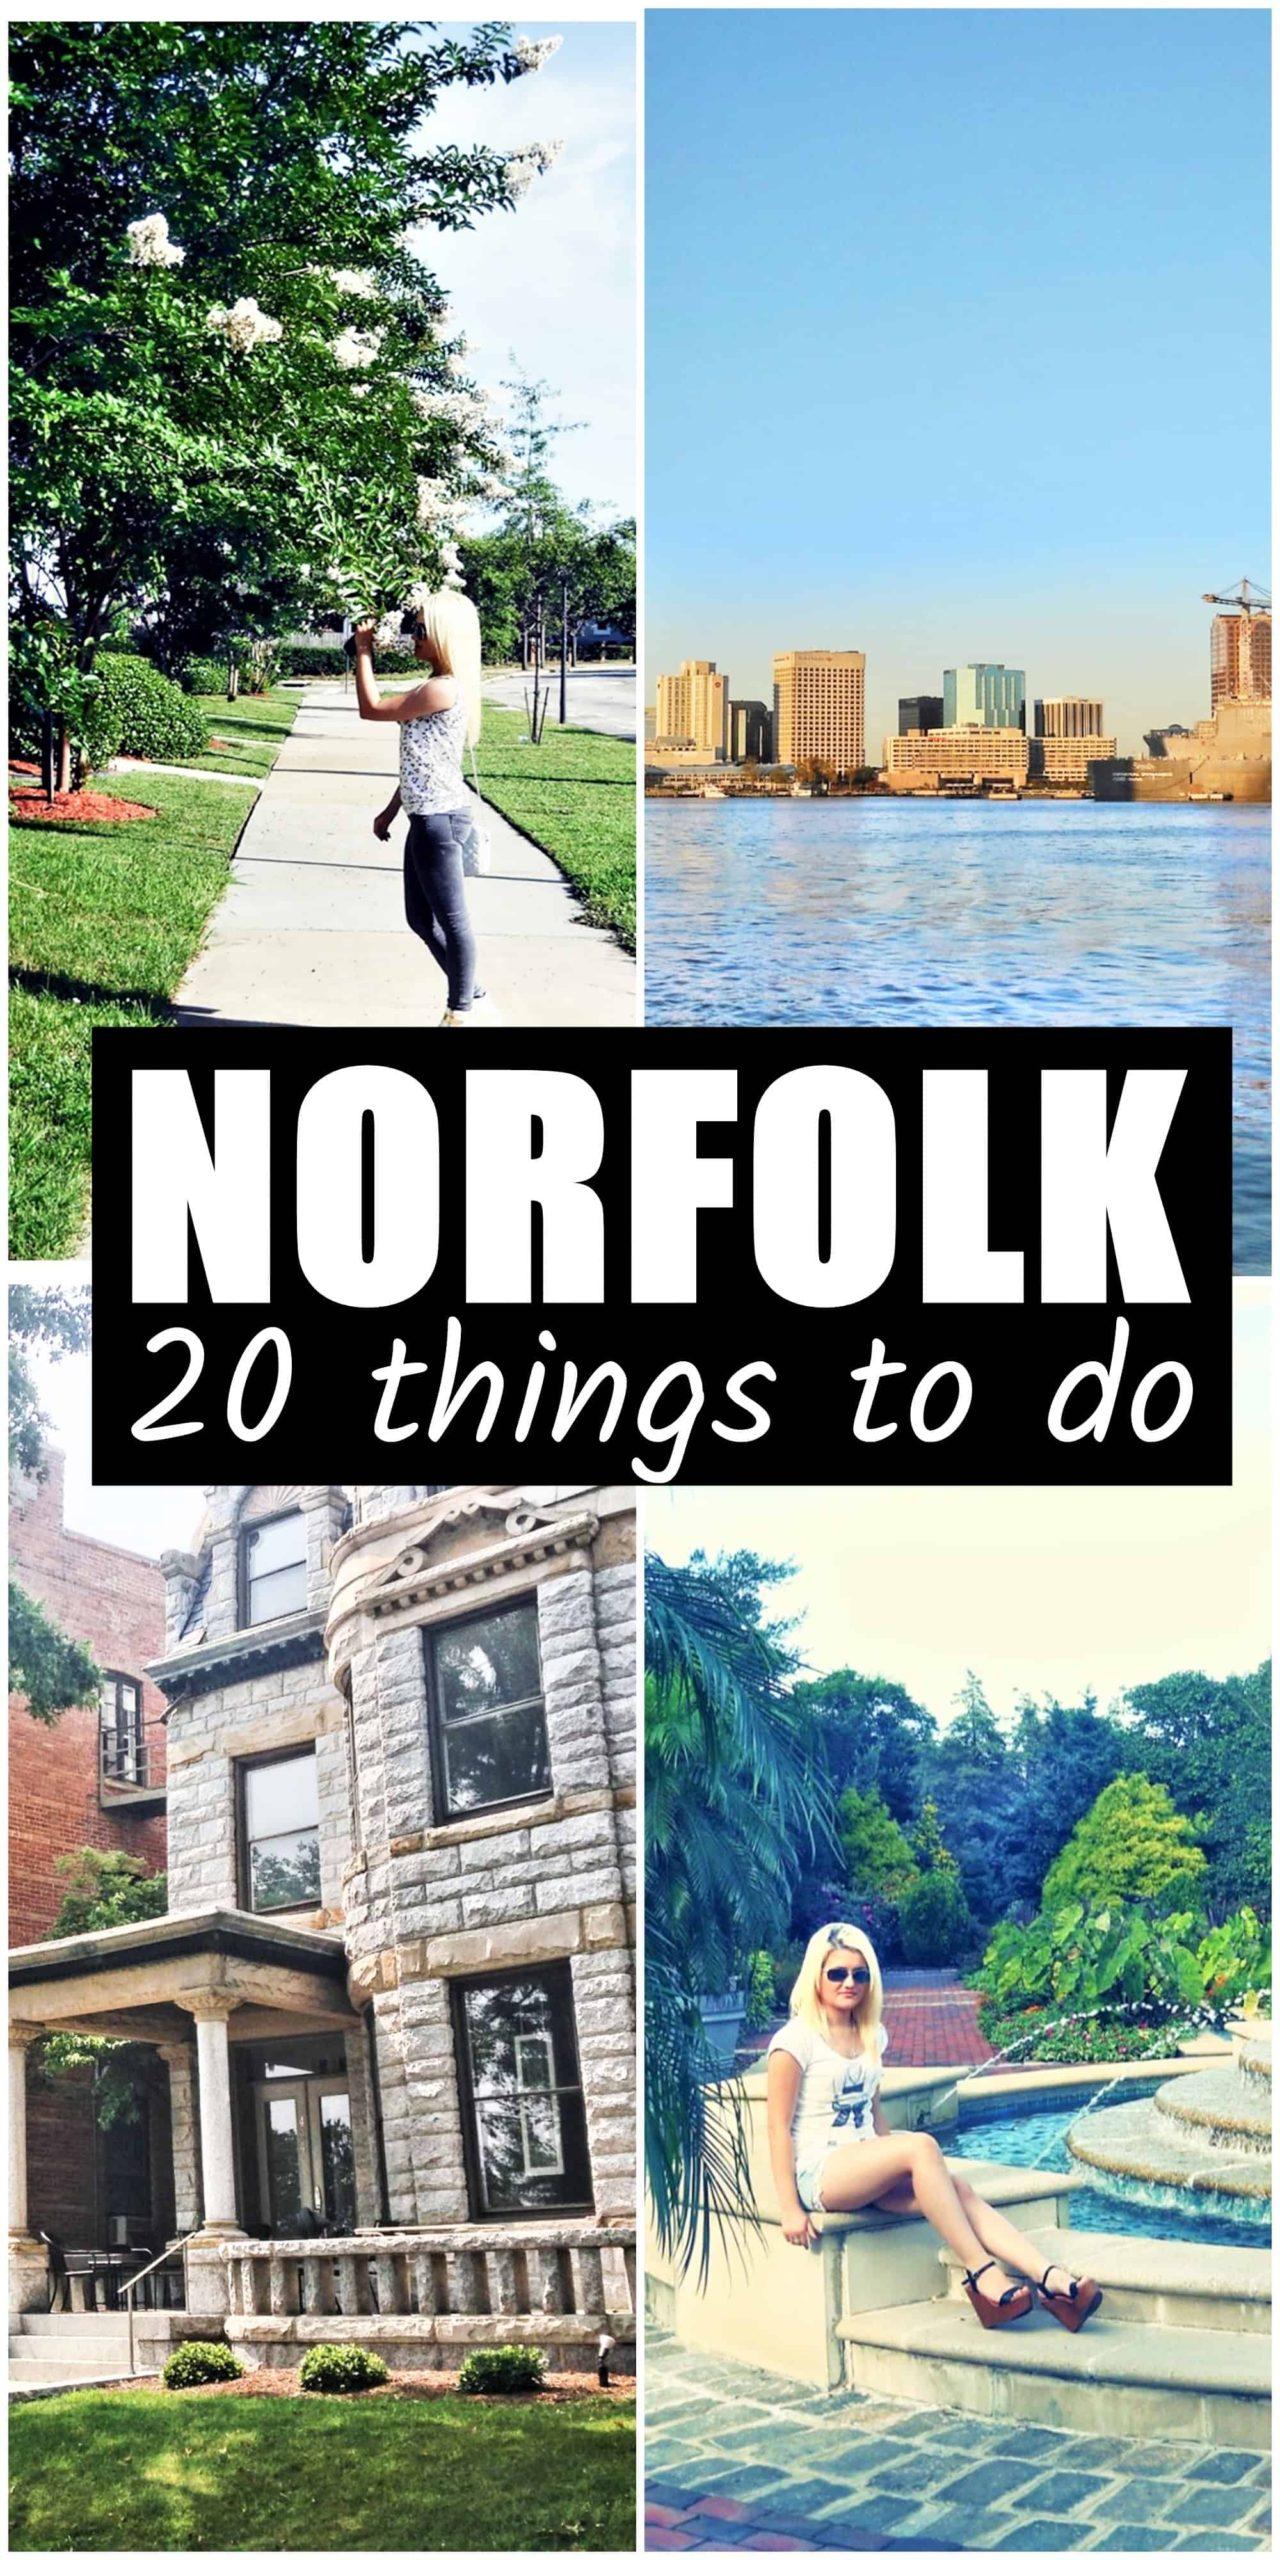 best 20 things to do in norfolk virginia